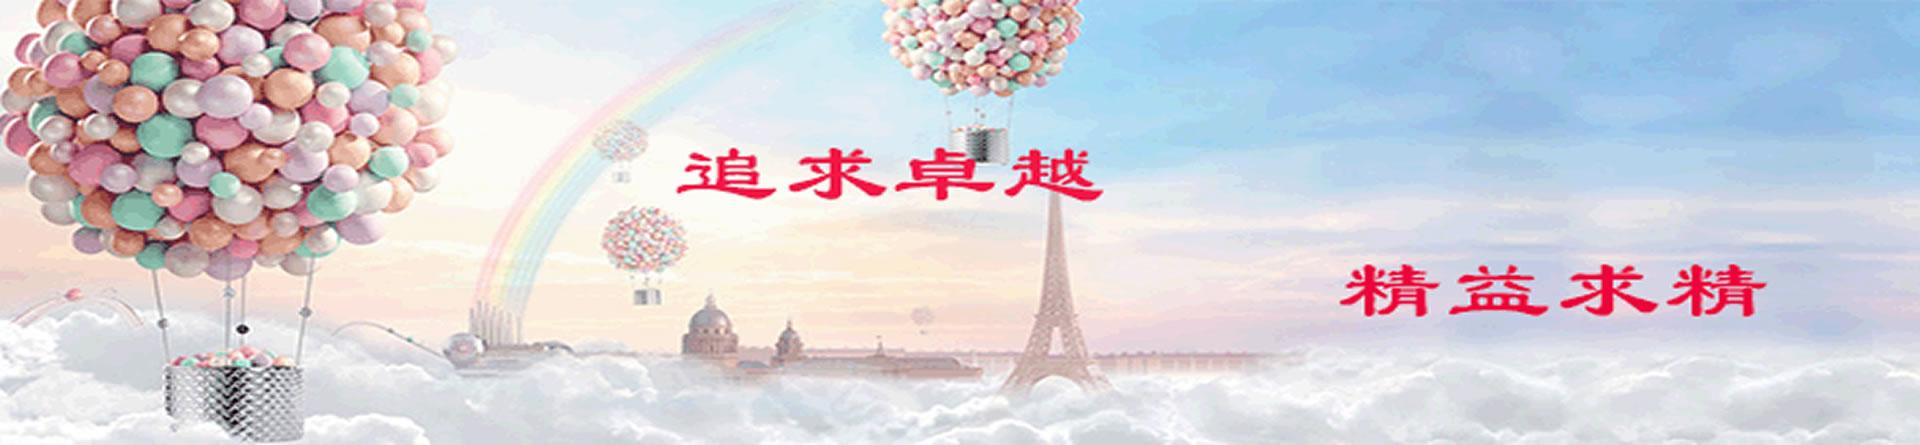 郑州东方希望教育